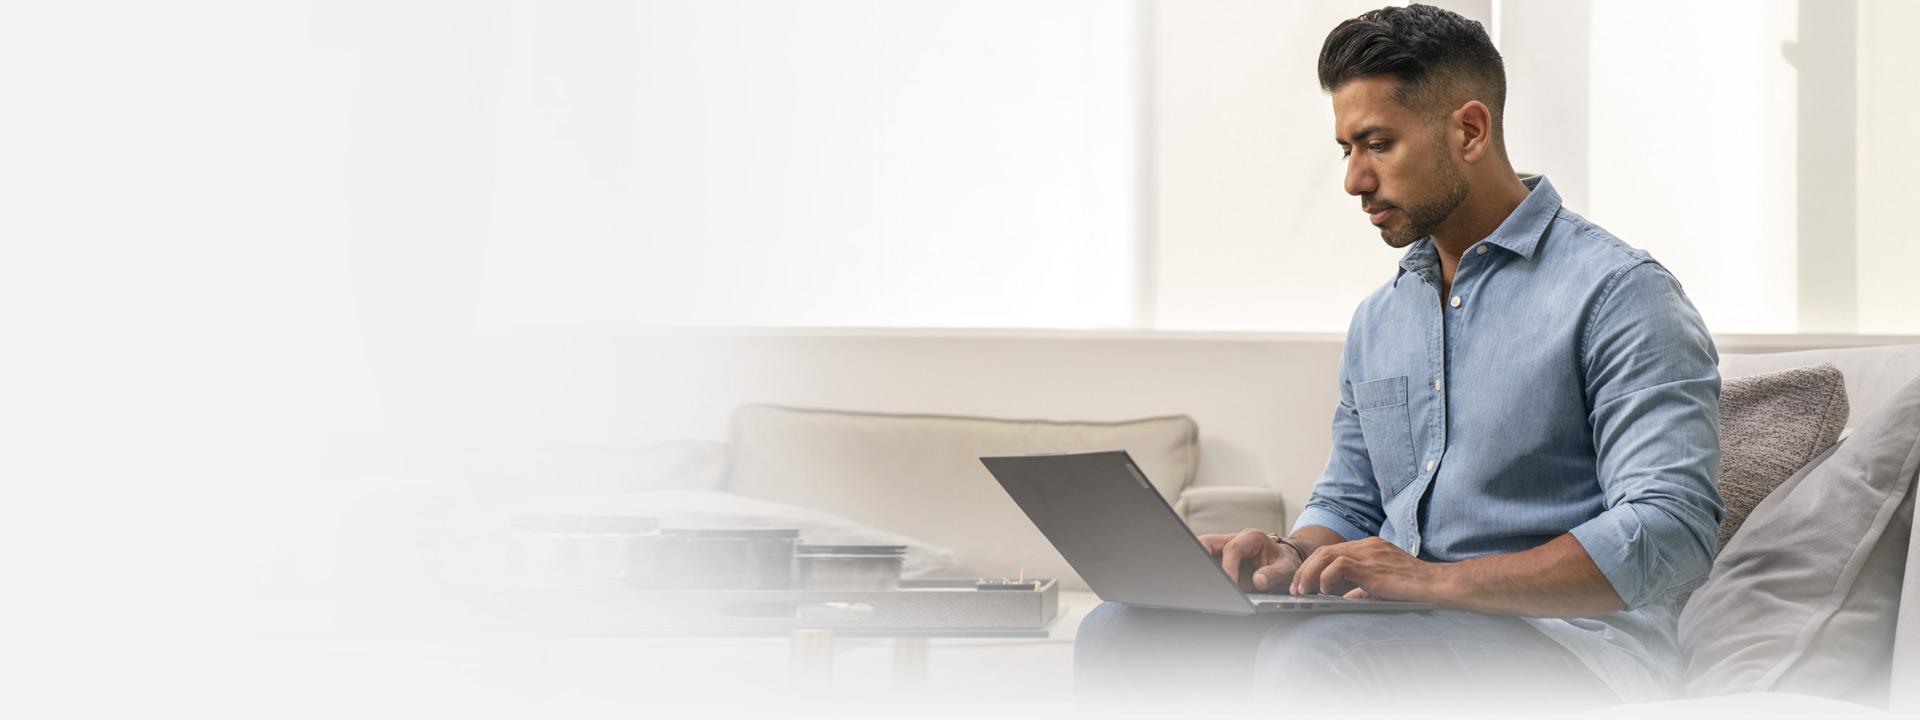 Muž sedící na gauči používá notebook